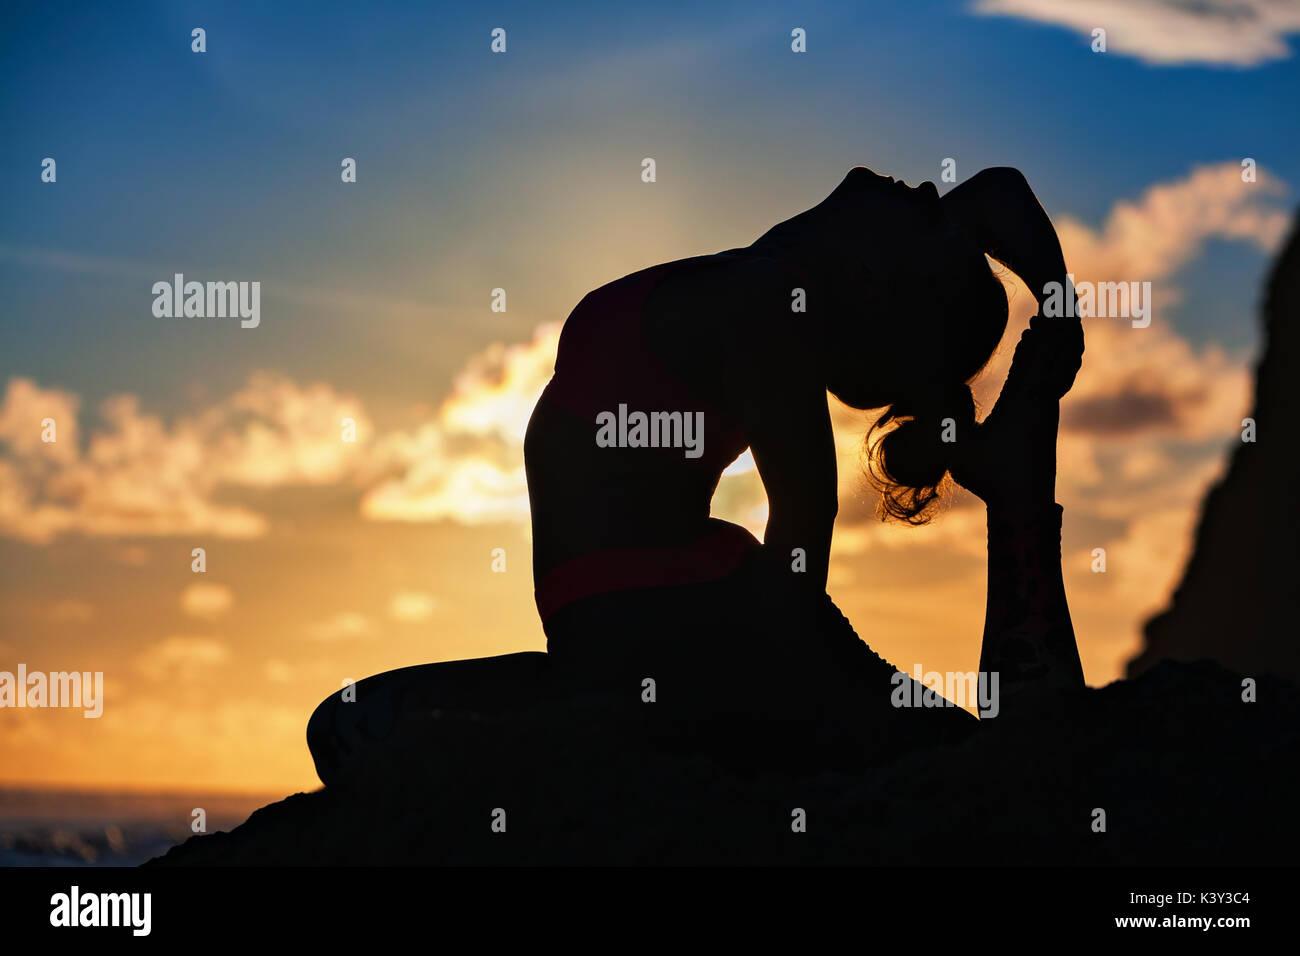 Donna silhouette nera sul Cielo di tramonto sullo sfondo. Giovane ragazza attiva sit in yoga pone sulla roccia spiaggia, stretching per mantenersi in forma. Uno stile di vita sano, fitness. Immagini Stock